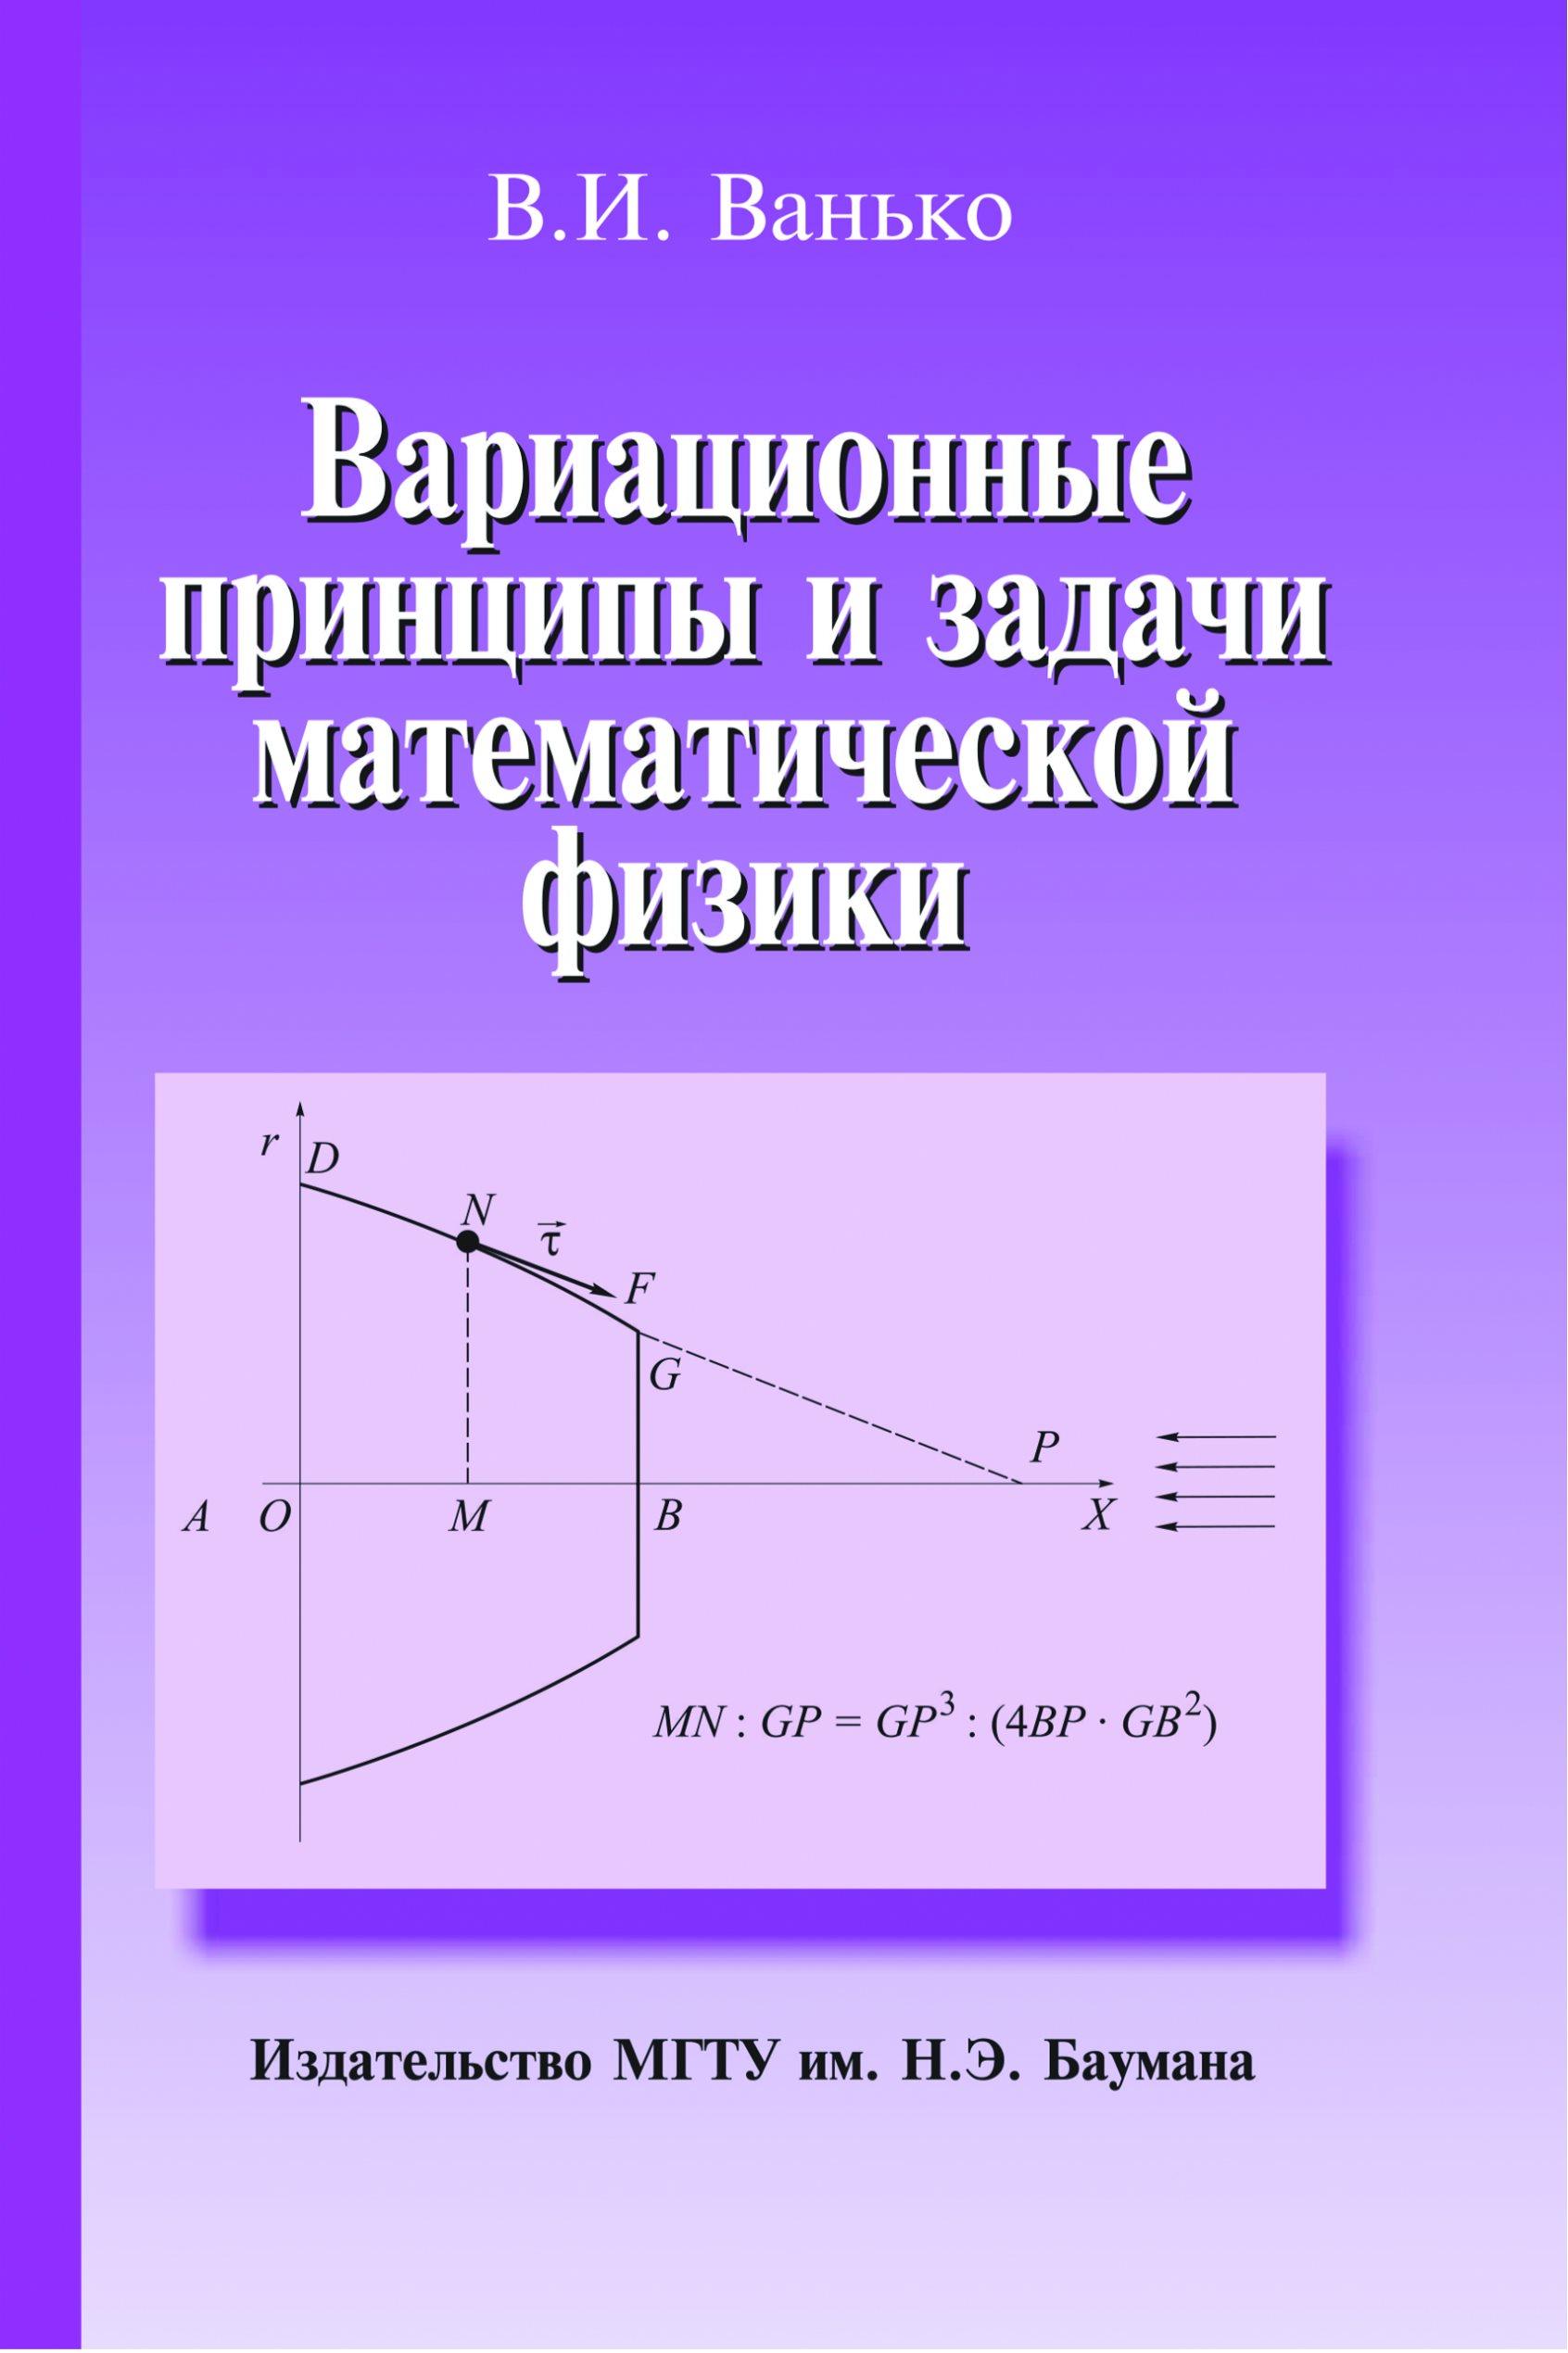 Вариационные принципы и задачи математической физики